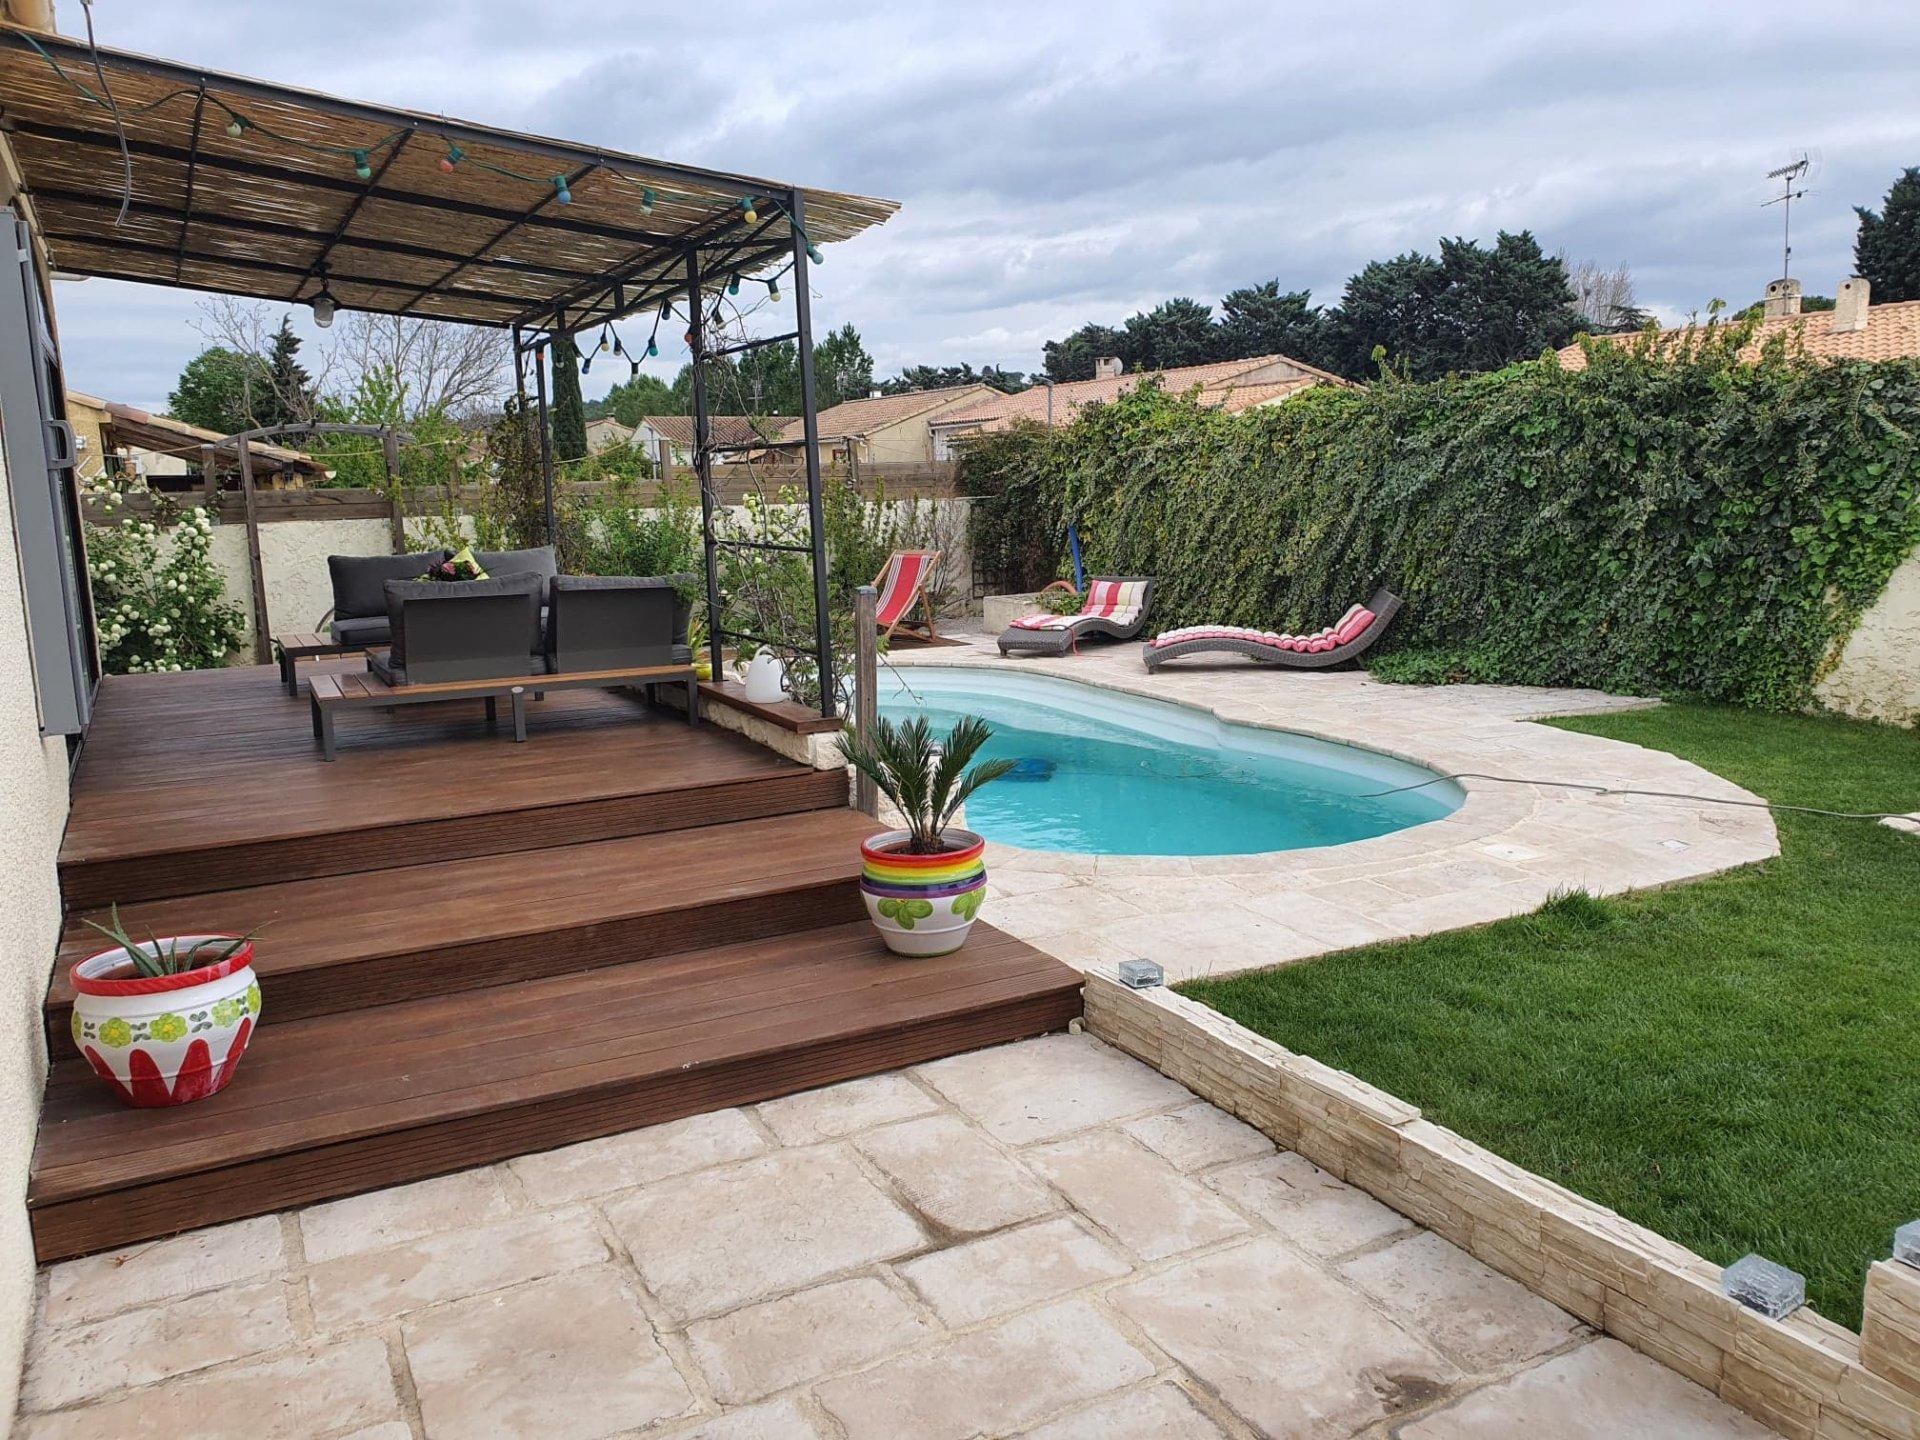 LANCON de Provence ( proche SALON) Maison individuelle 4 chambres avec piscine et jardin clos